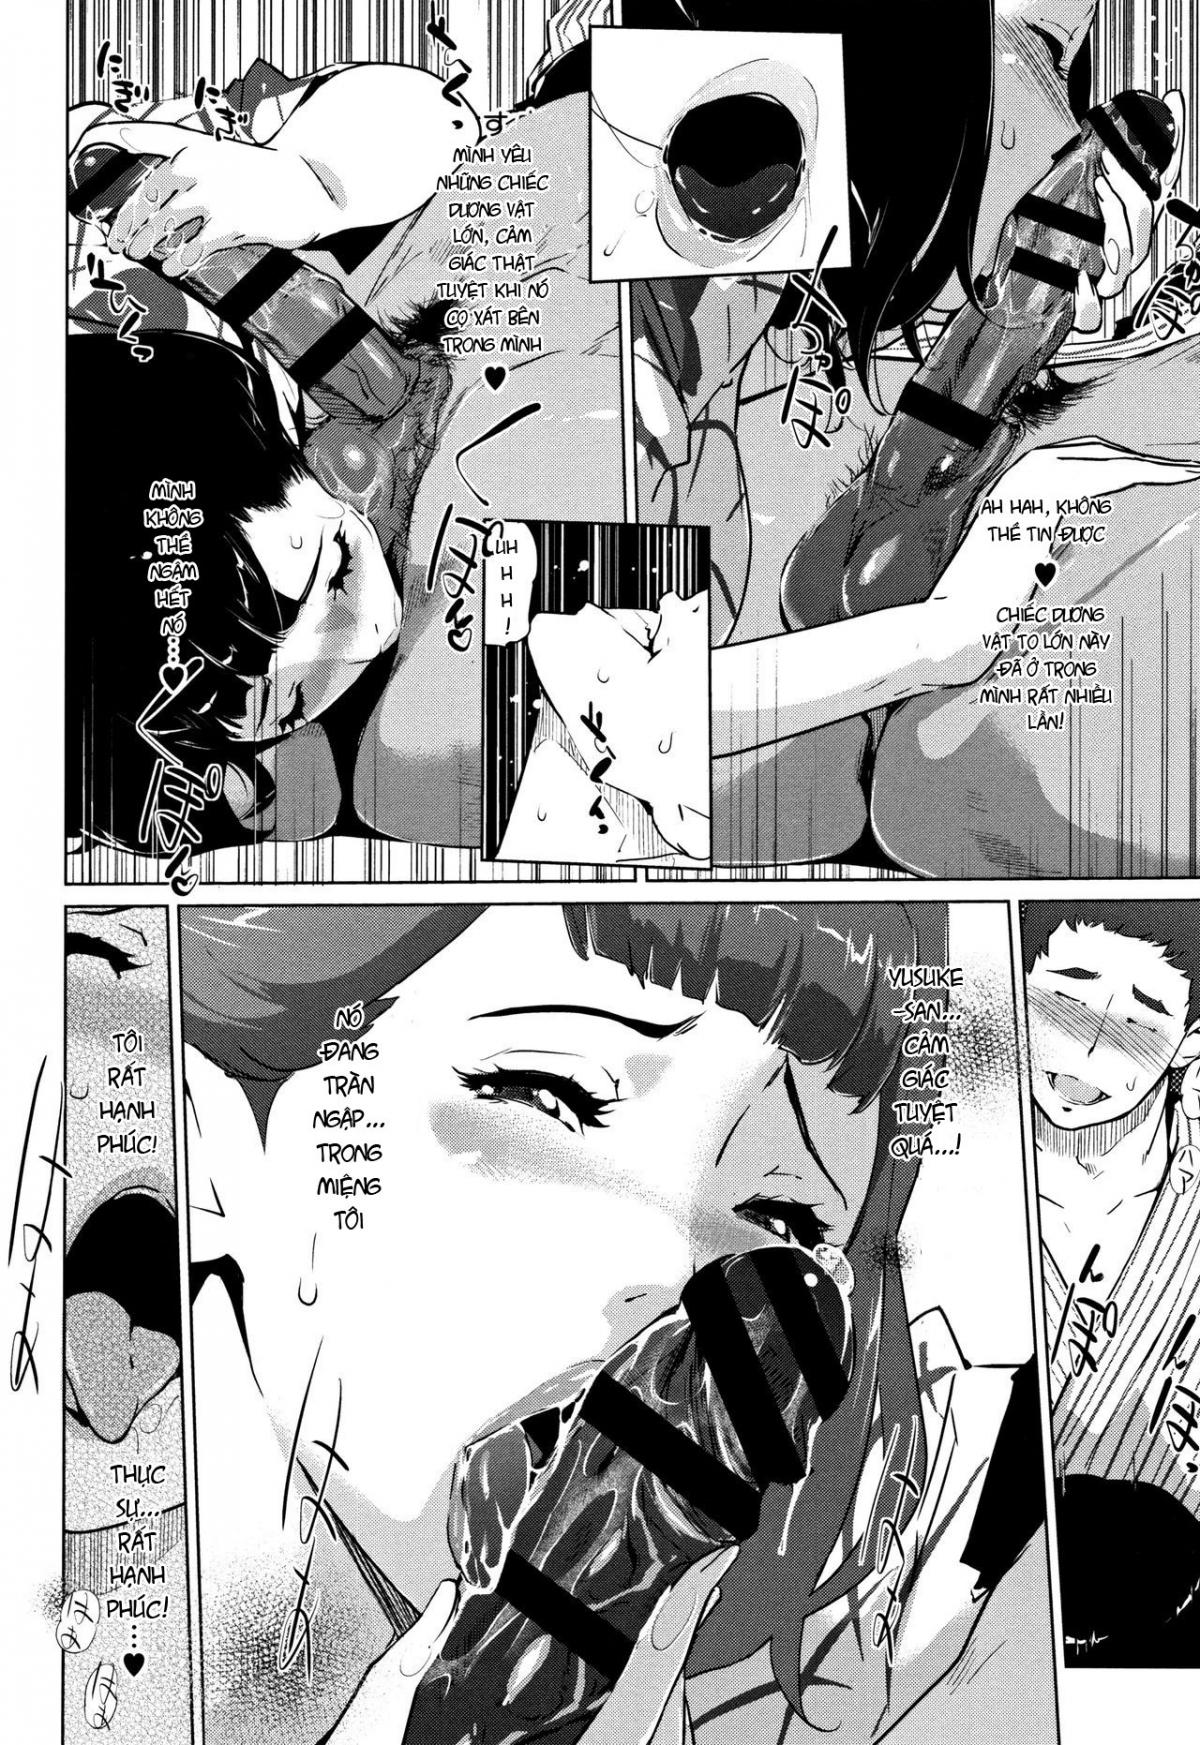 HentaiVN.net - Ảnh 6 - Shinjuiro no Zanzou - Pearl Grey Afterimage; Shinjuiro No Zanzou ~Kazoku Ga Neshizumatta Ato De~ - Chap 4